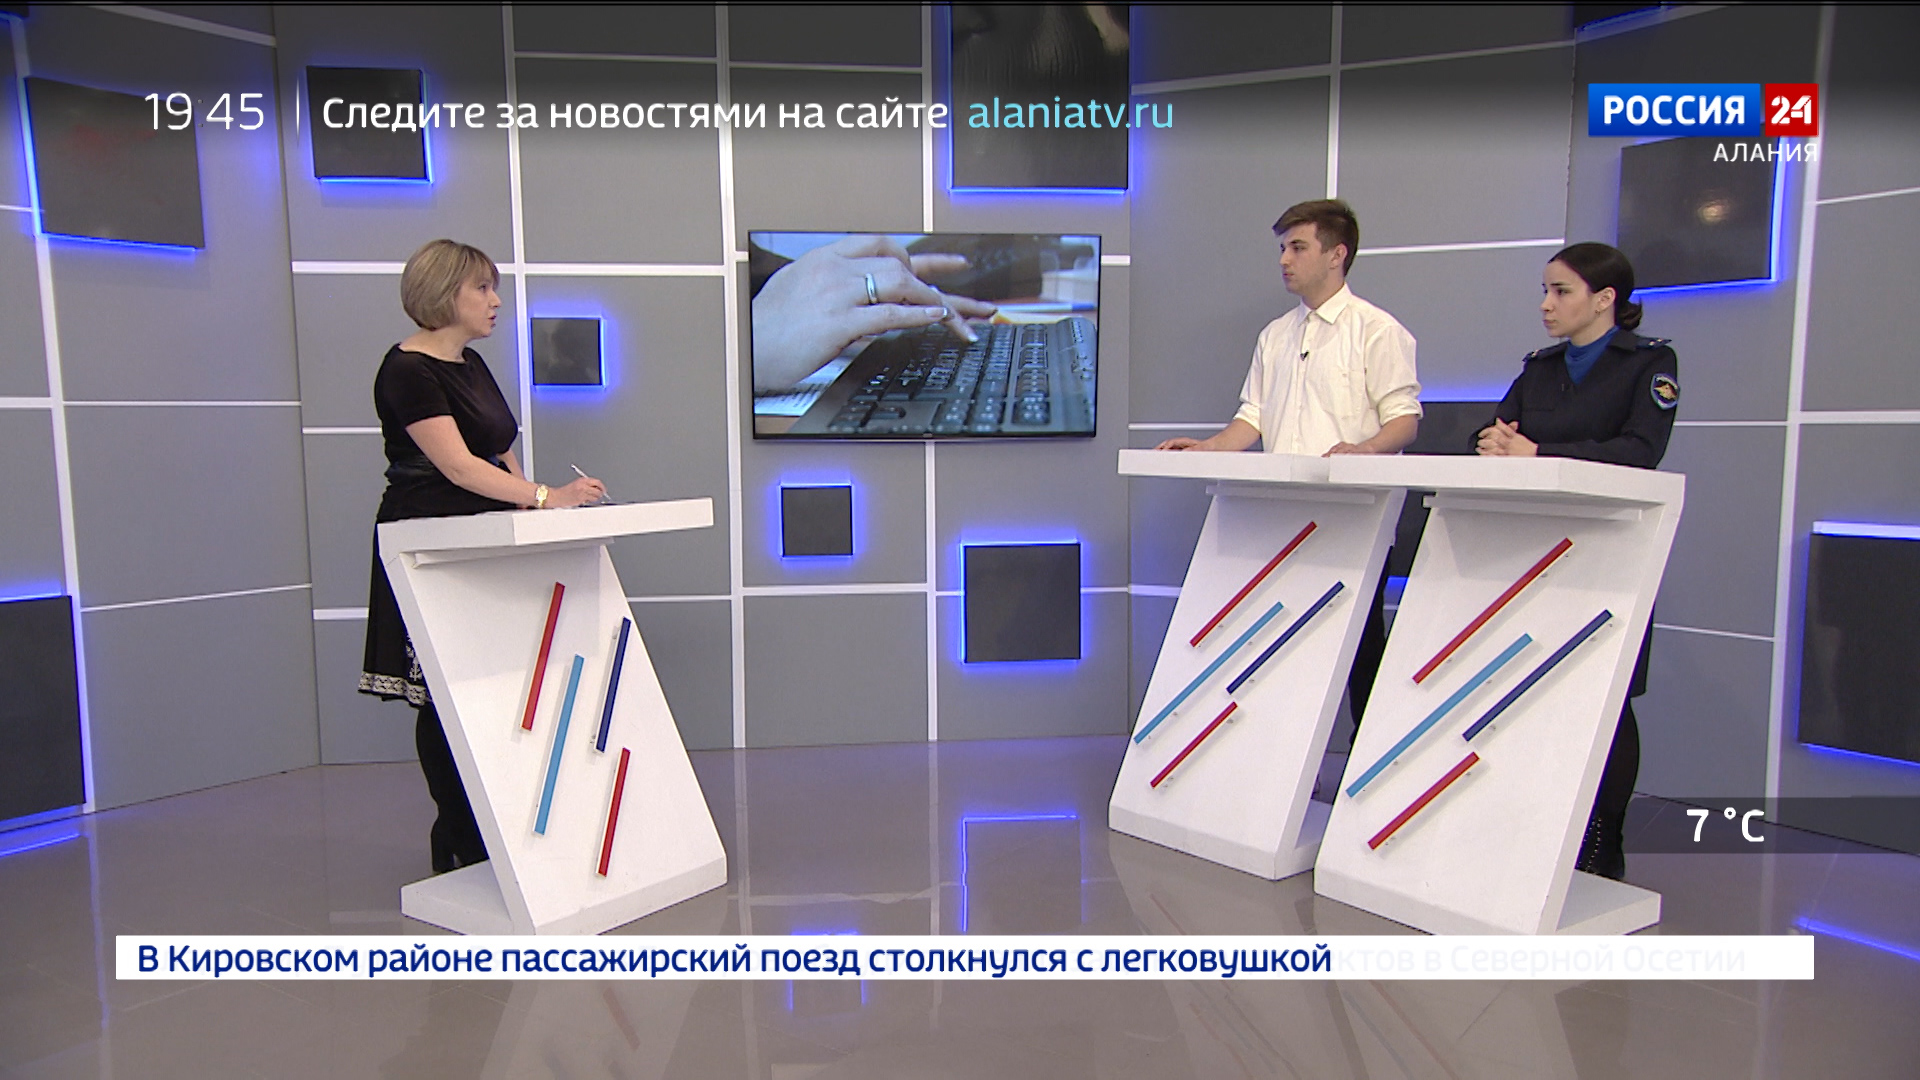 Россия 24. Как не стать жертвой интернет-мошенничества?